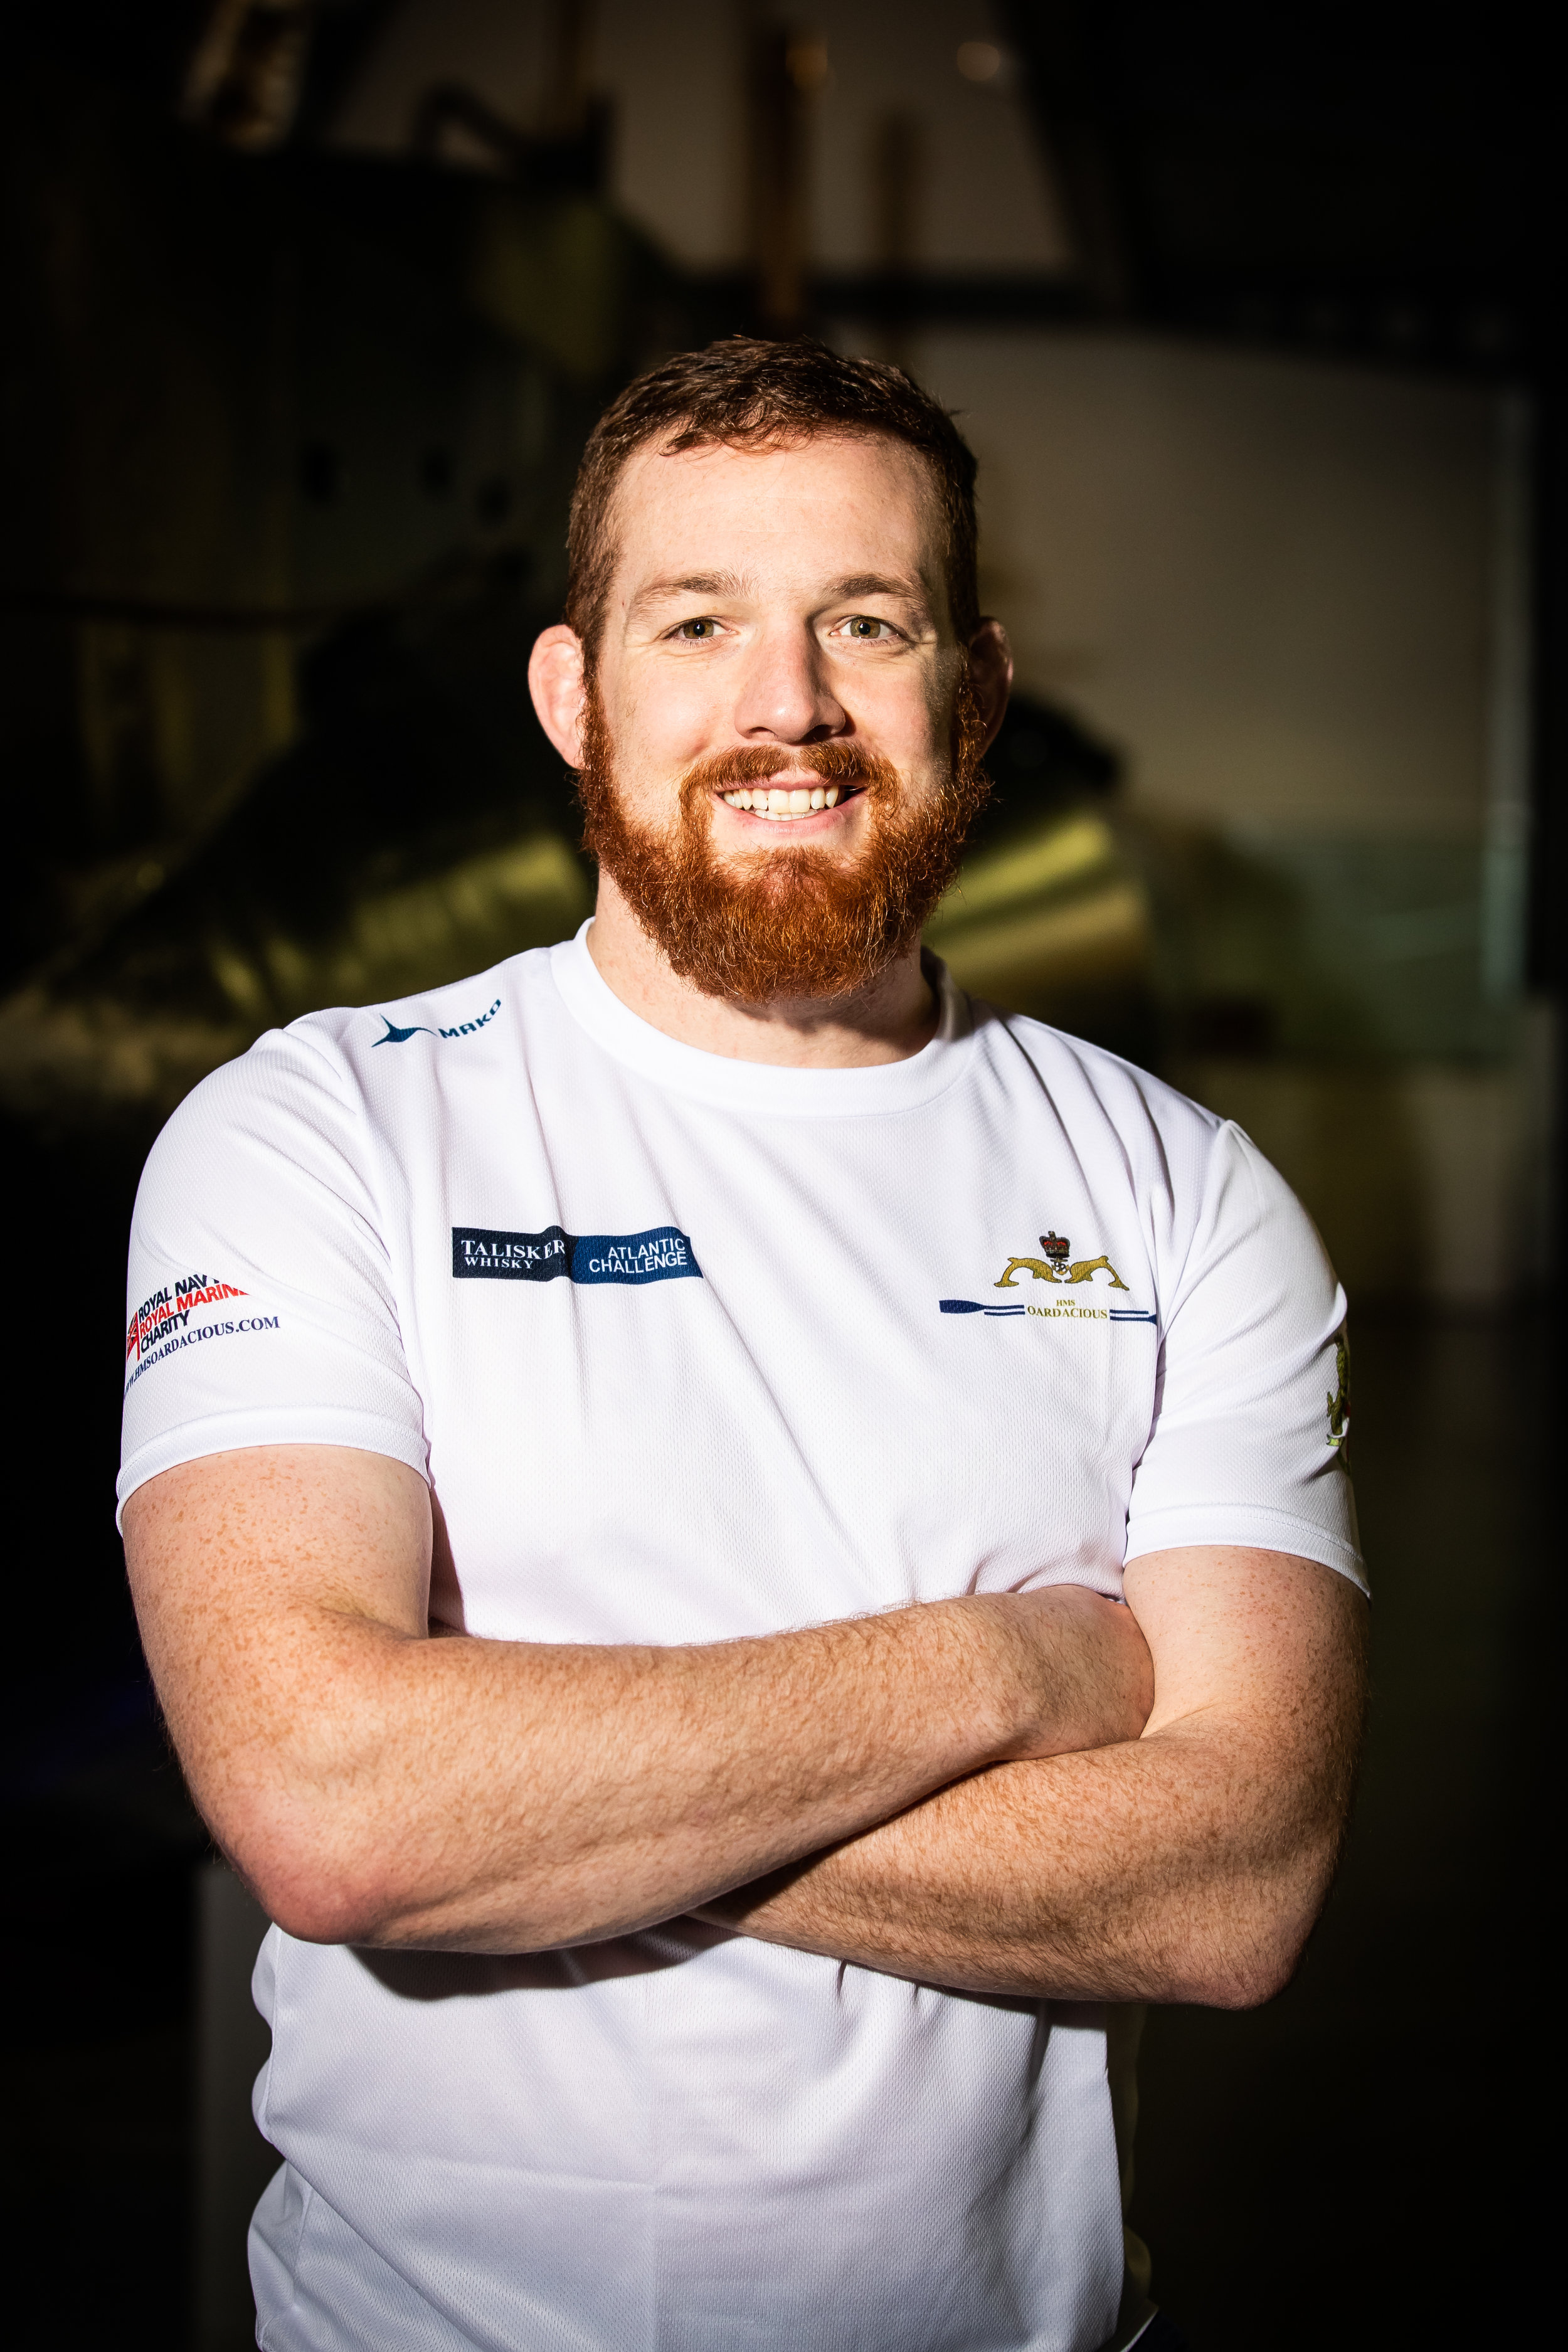 Leading Engineer Technician Matt Harvey - Communications Information Specialist Submariner